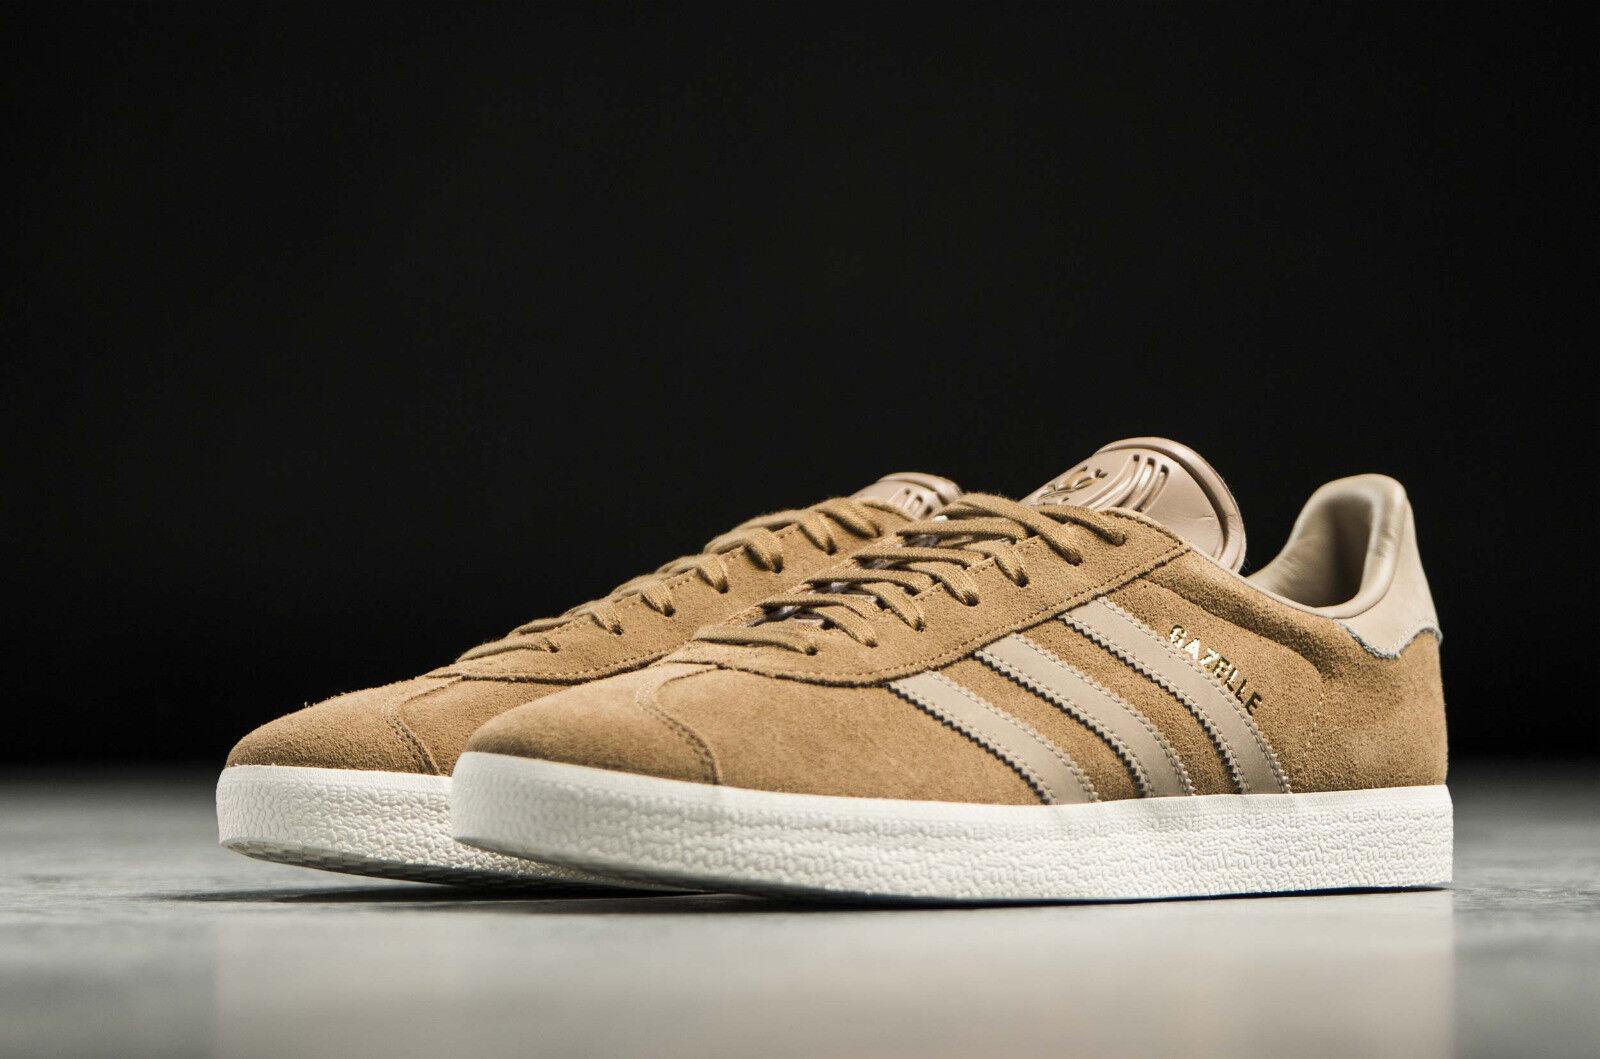 Nwob 13-m Uomo adidas originali gazzella scarpe taglia noi 13-m Nwob cachi 061d77